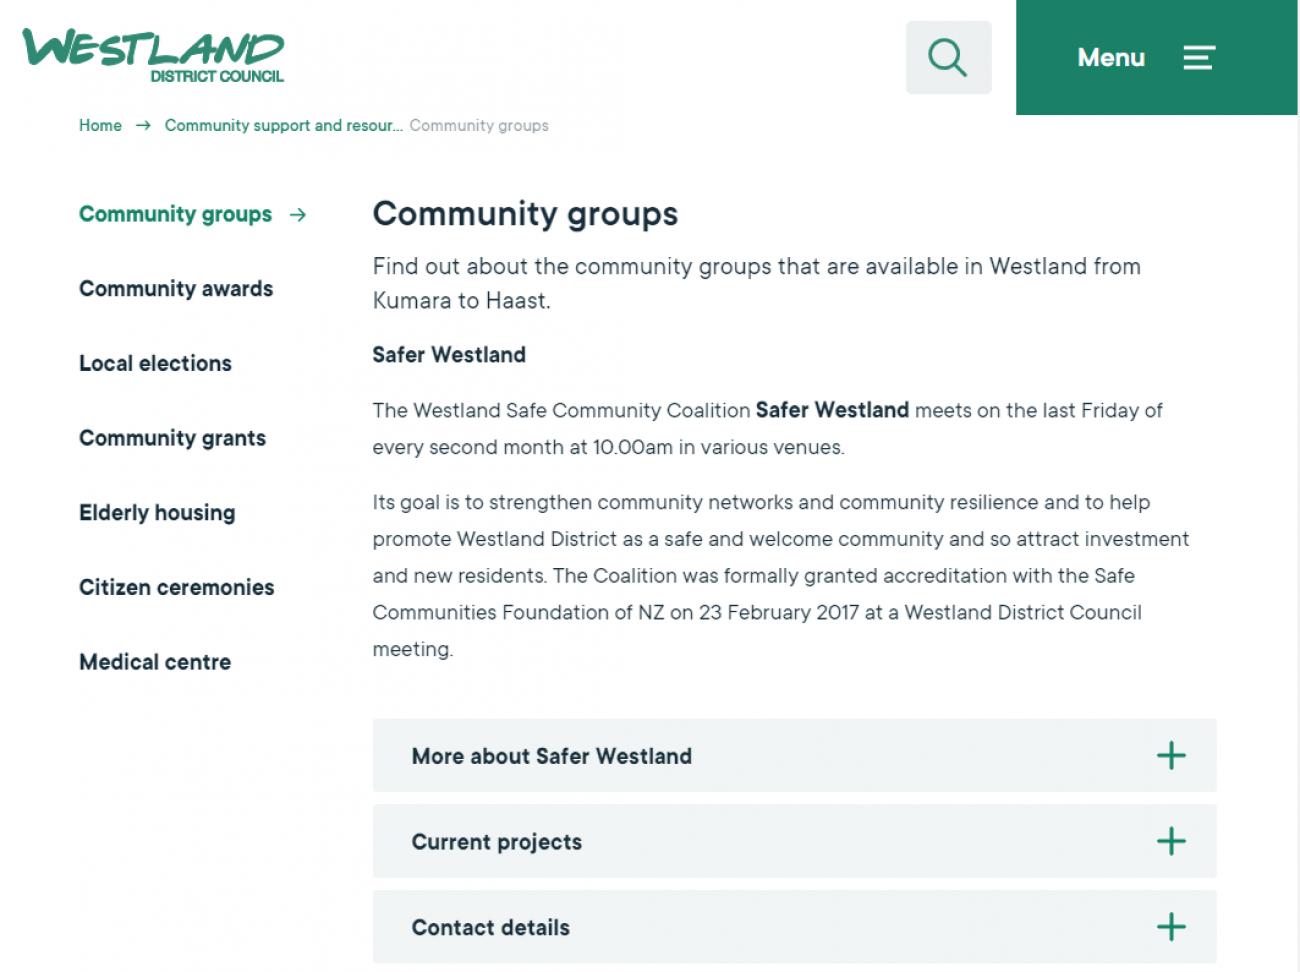 Westland District Council Website